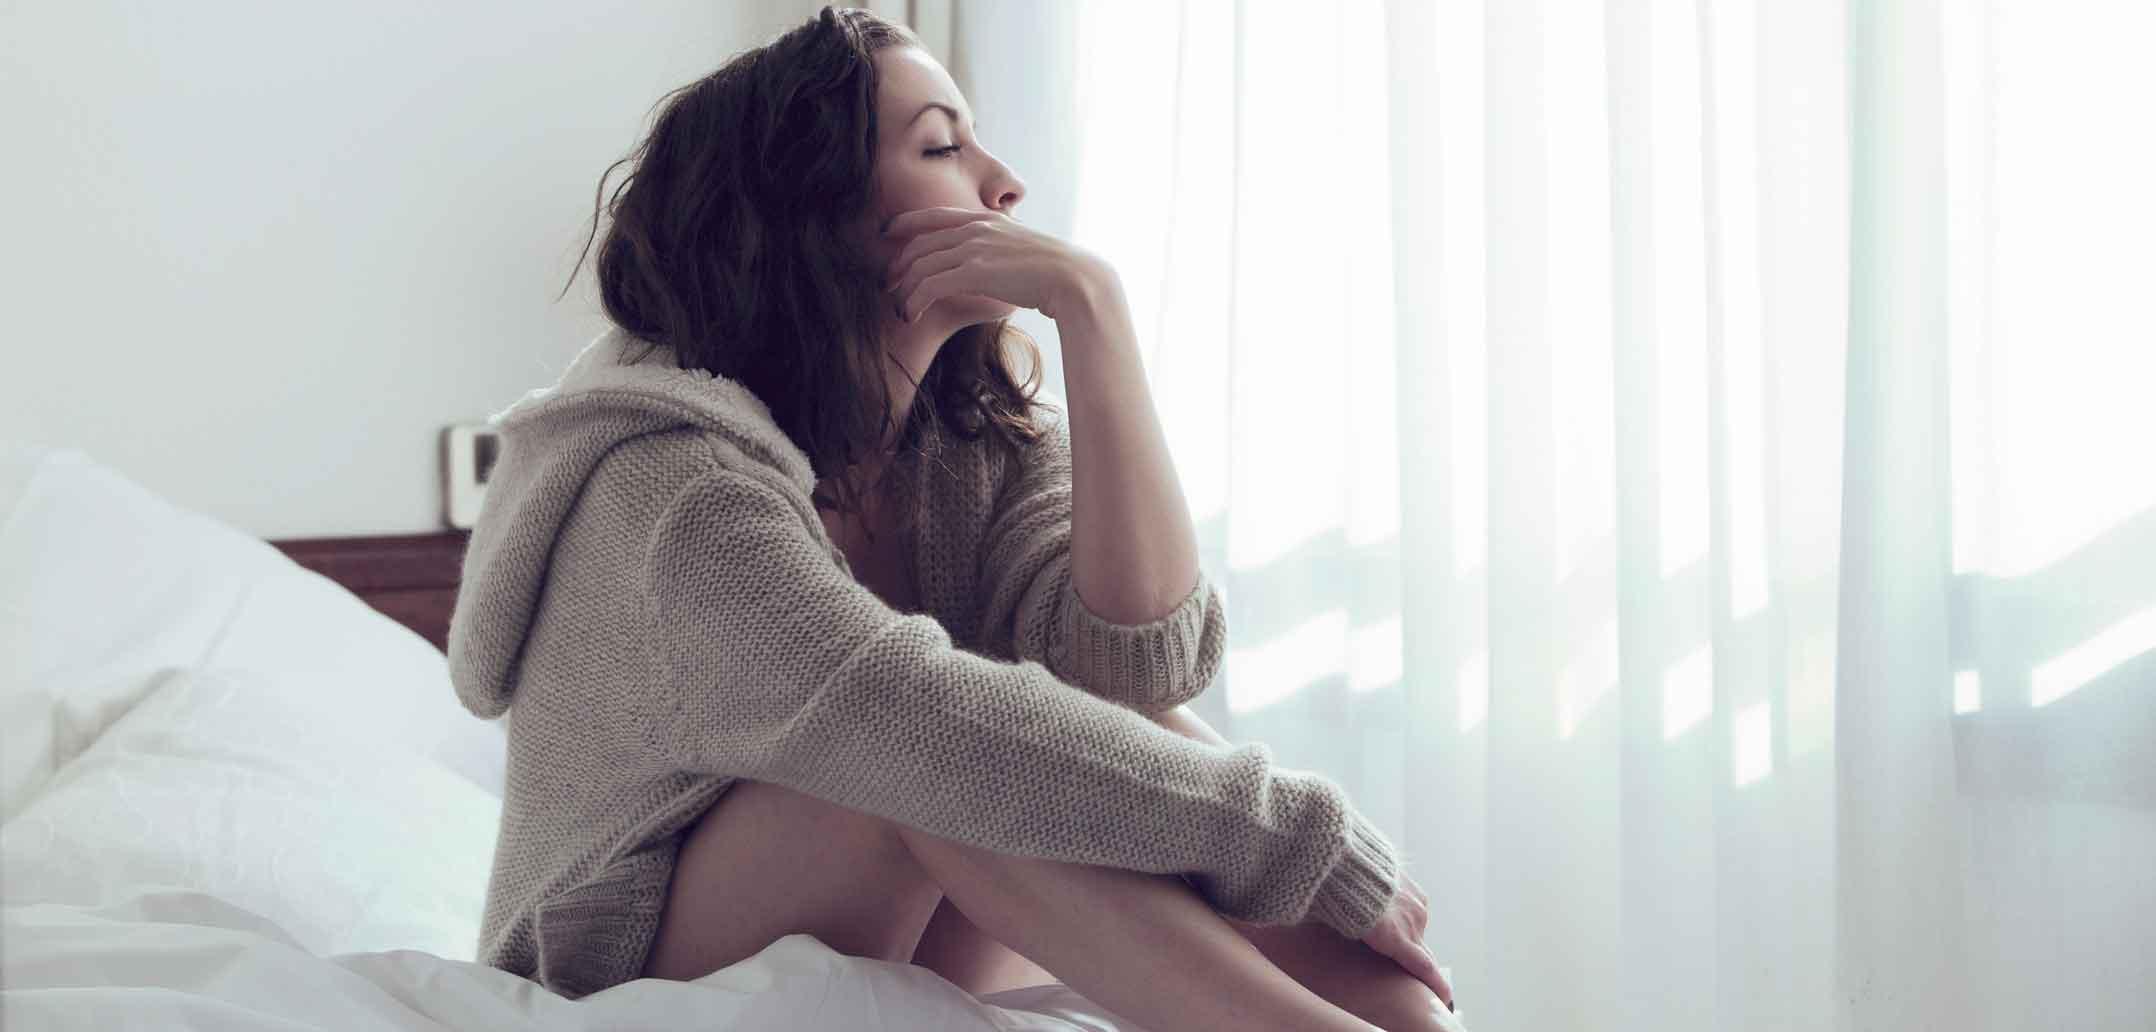 Eifersucht bekämpfen: Tipps vom Psychologen